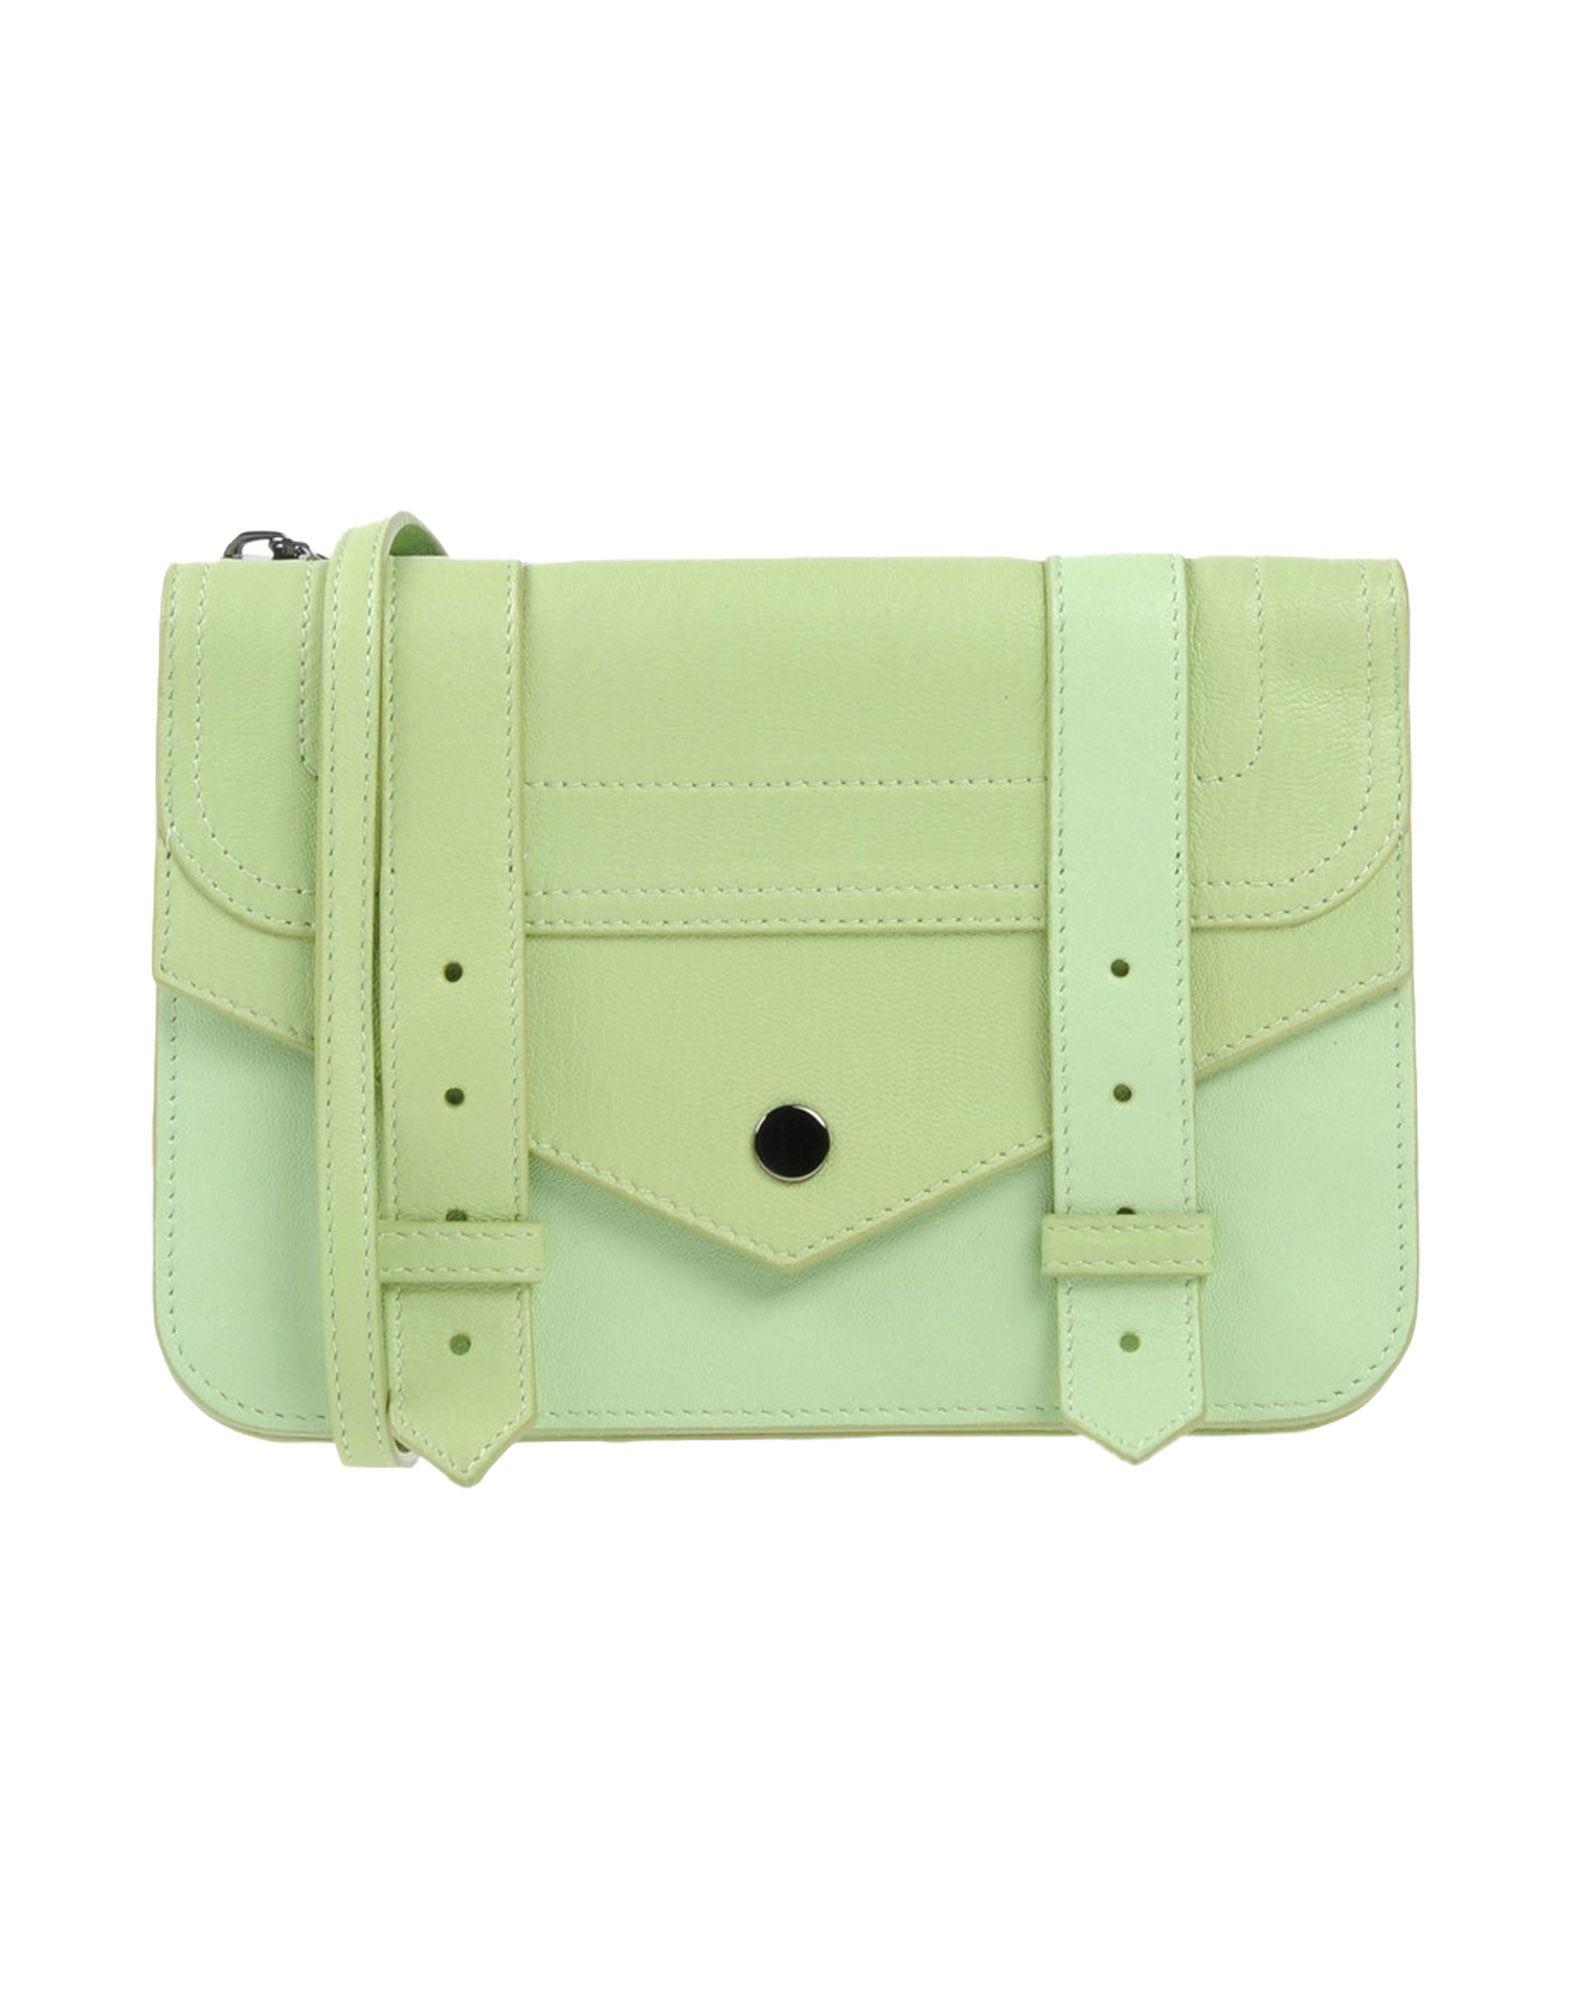 Proenza Schouler Handbags In Acid Green